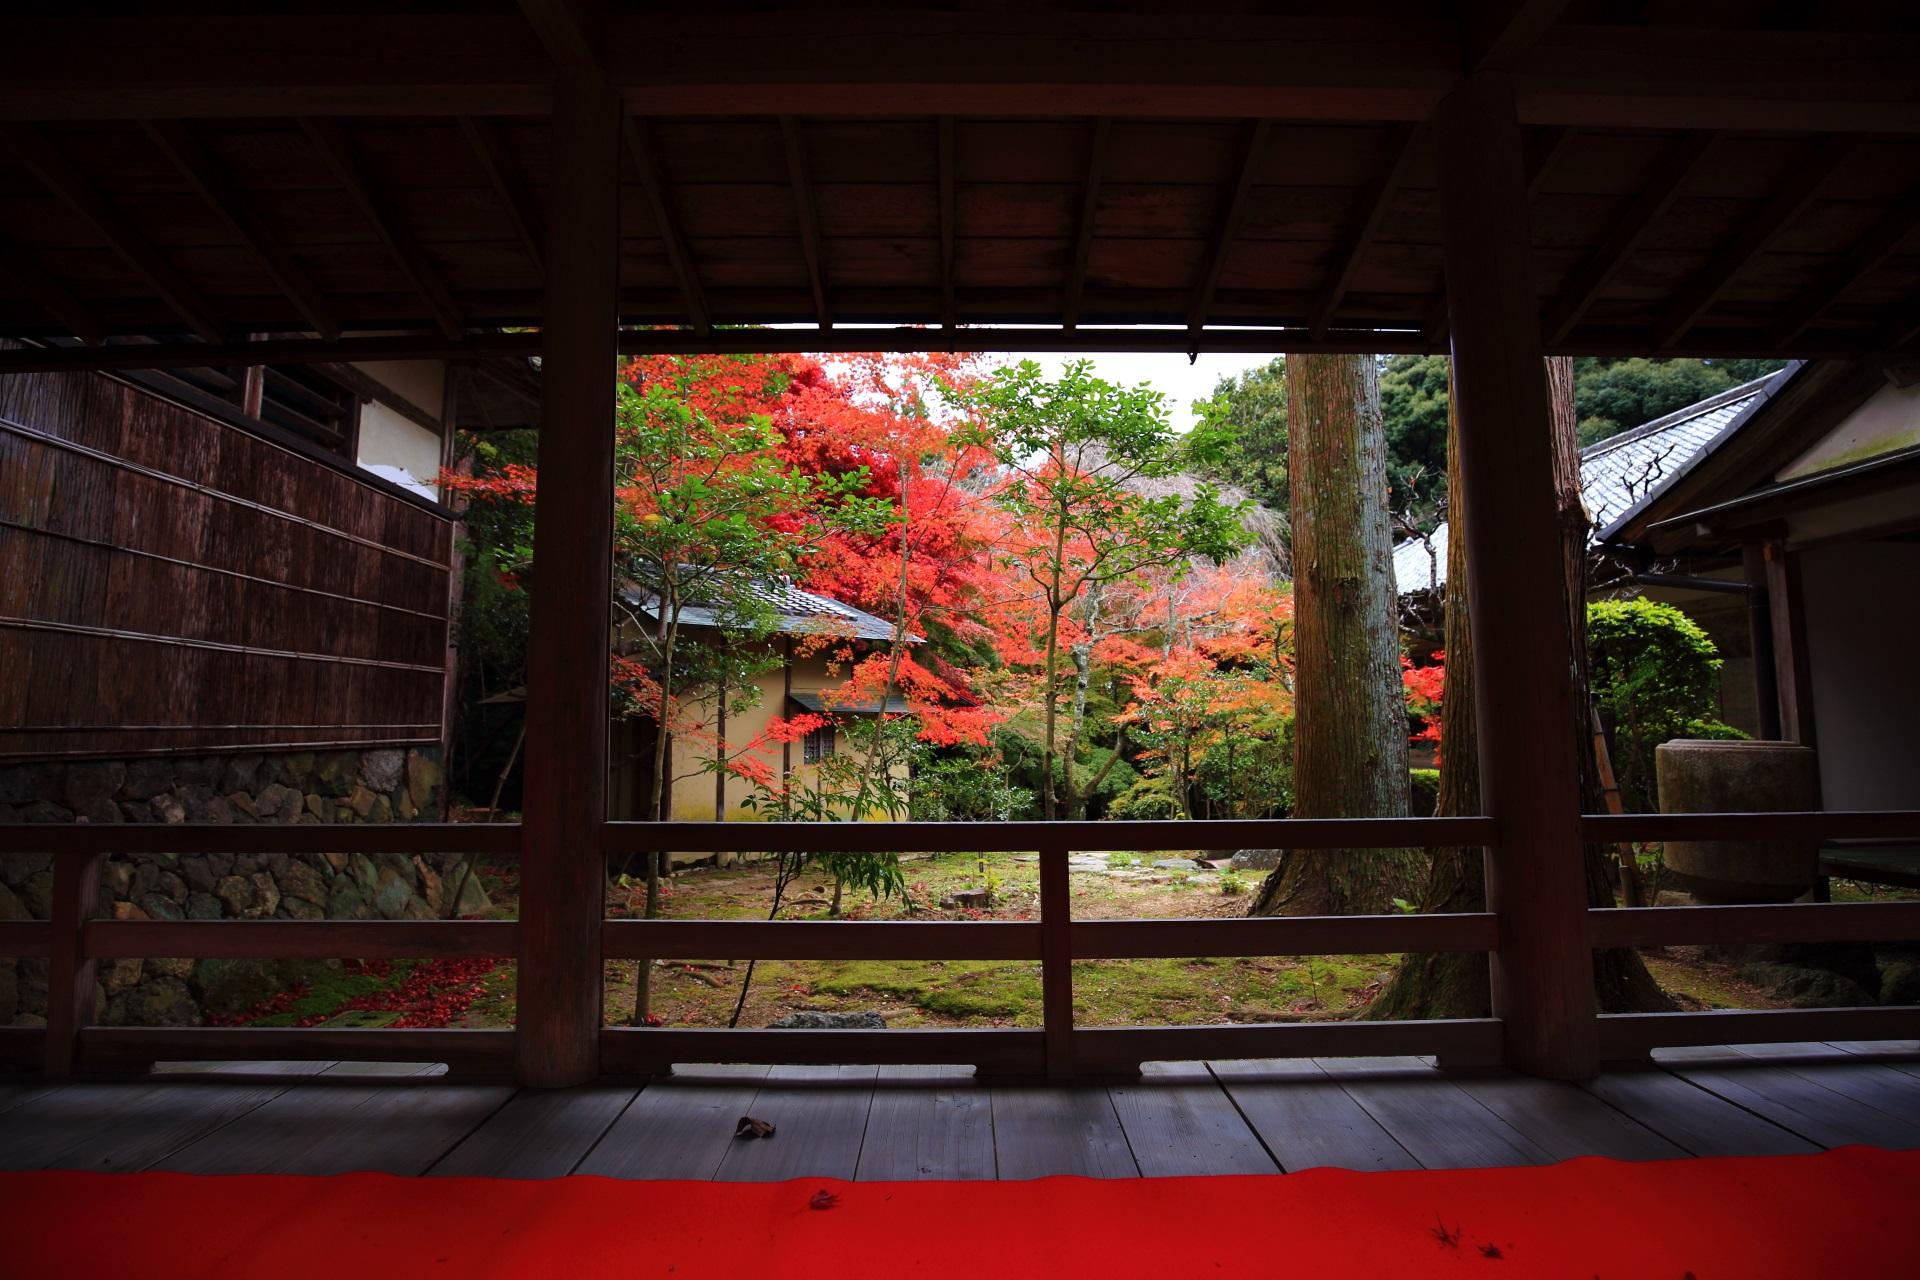 大原野神社の本殿横の回廊と紅葉の風情ある一コマ